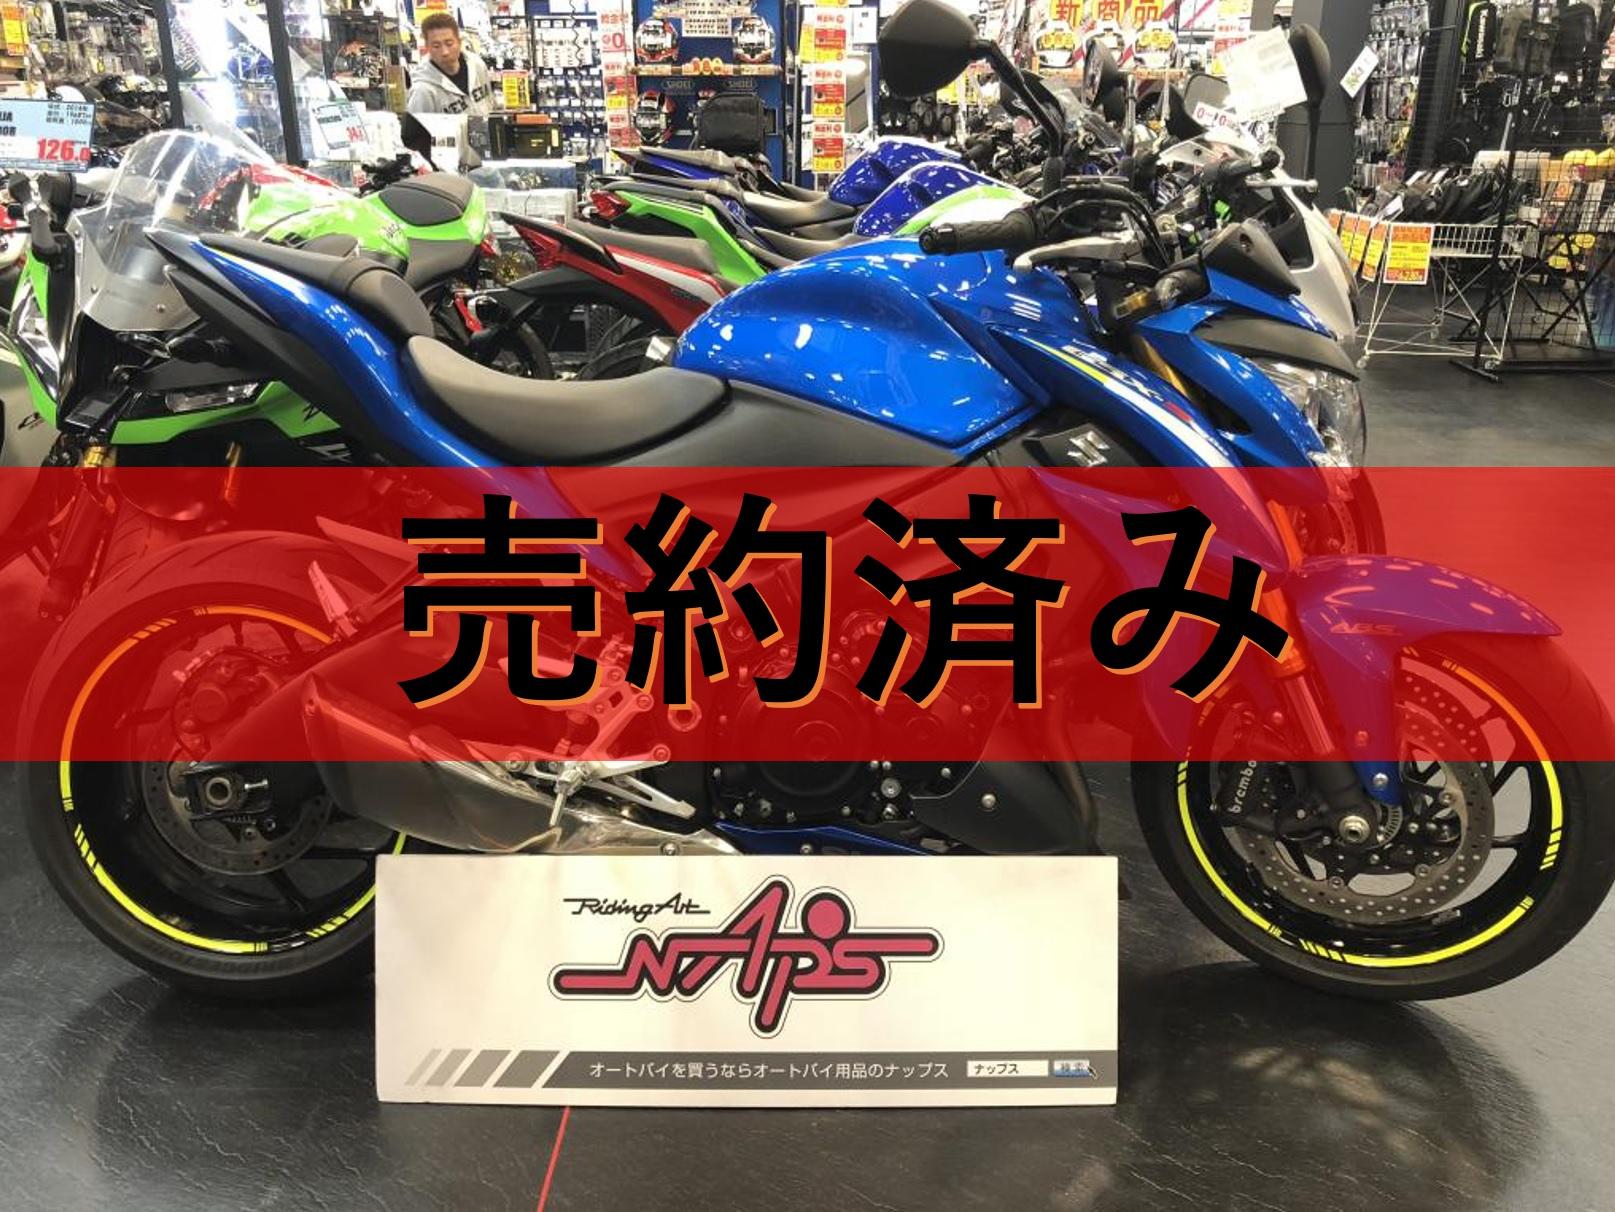 SUZUKI 【販売車両】GSX-S1000 ETC 社外ハンドル フェンダーレス